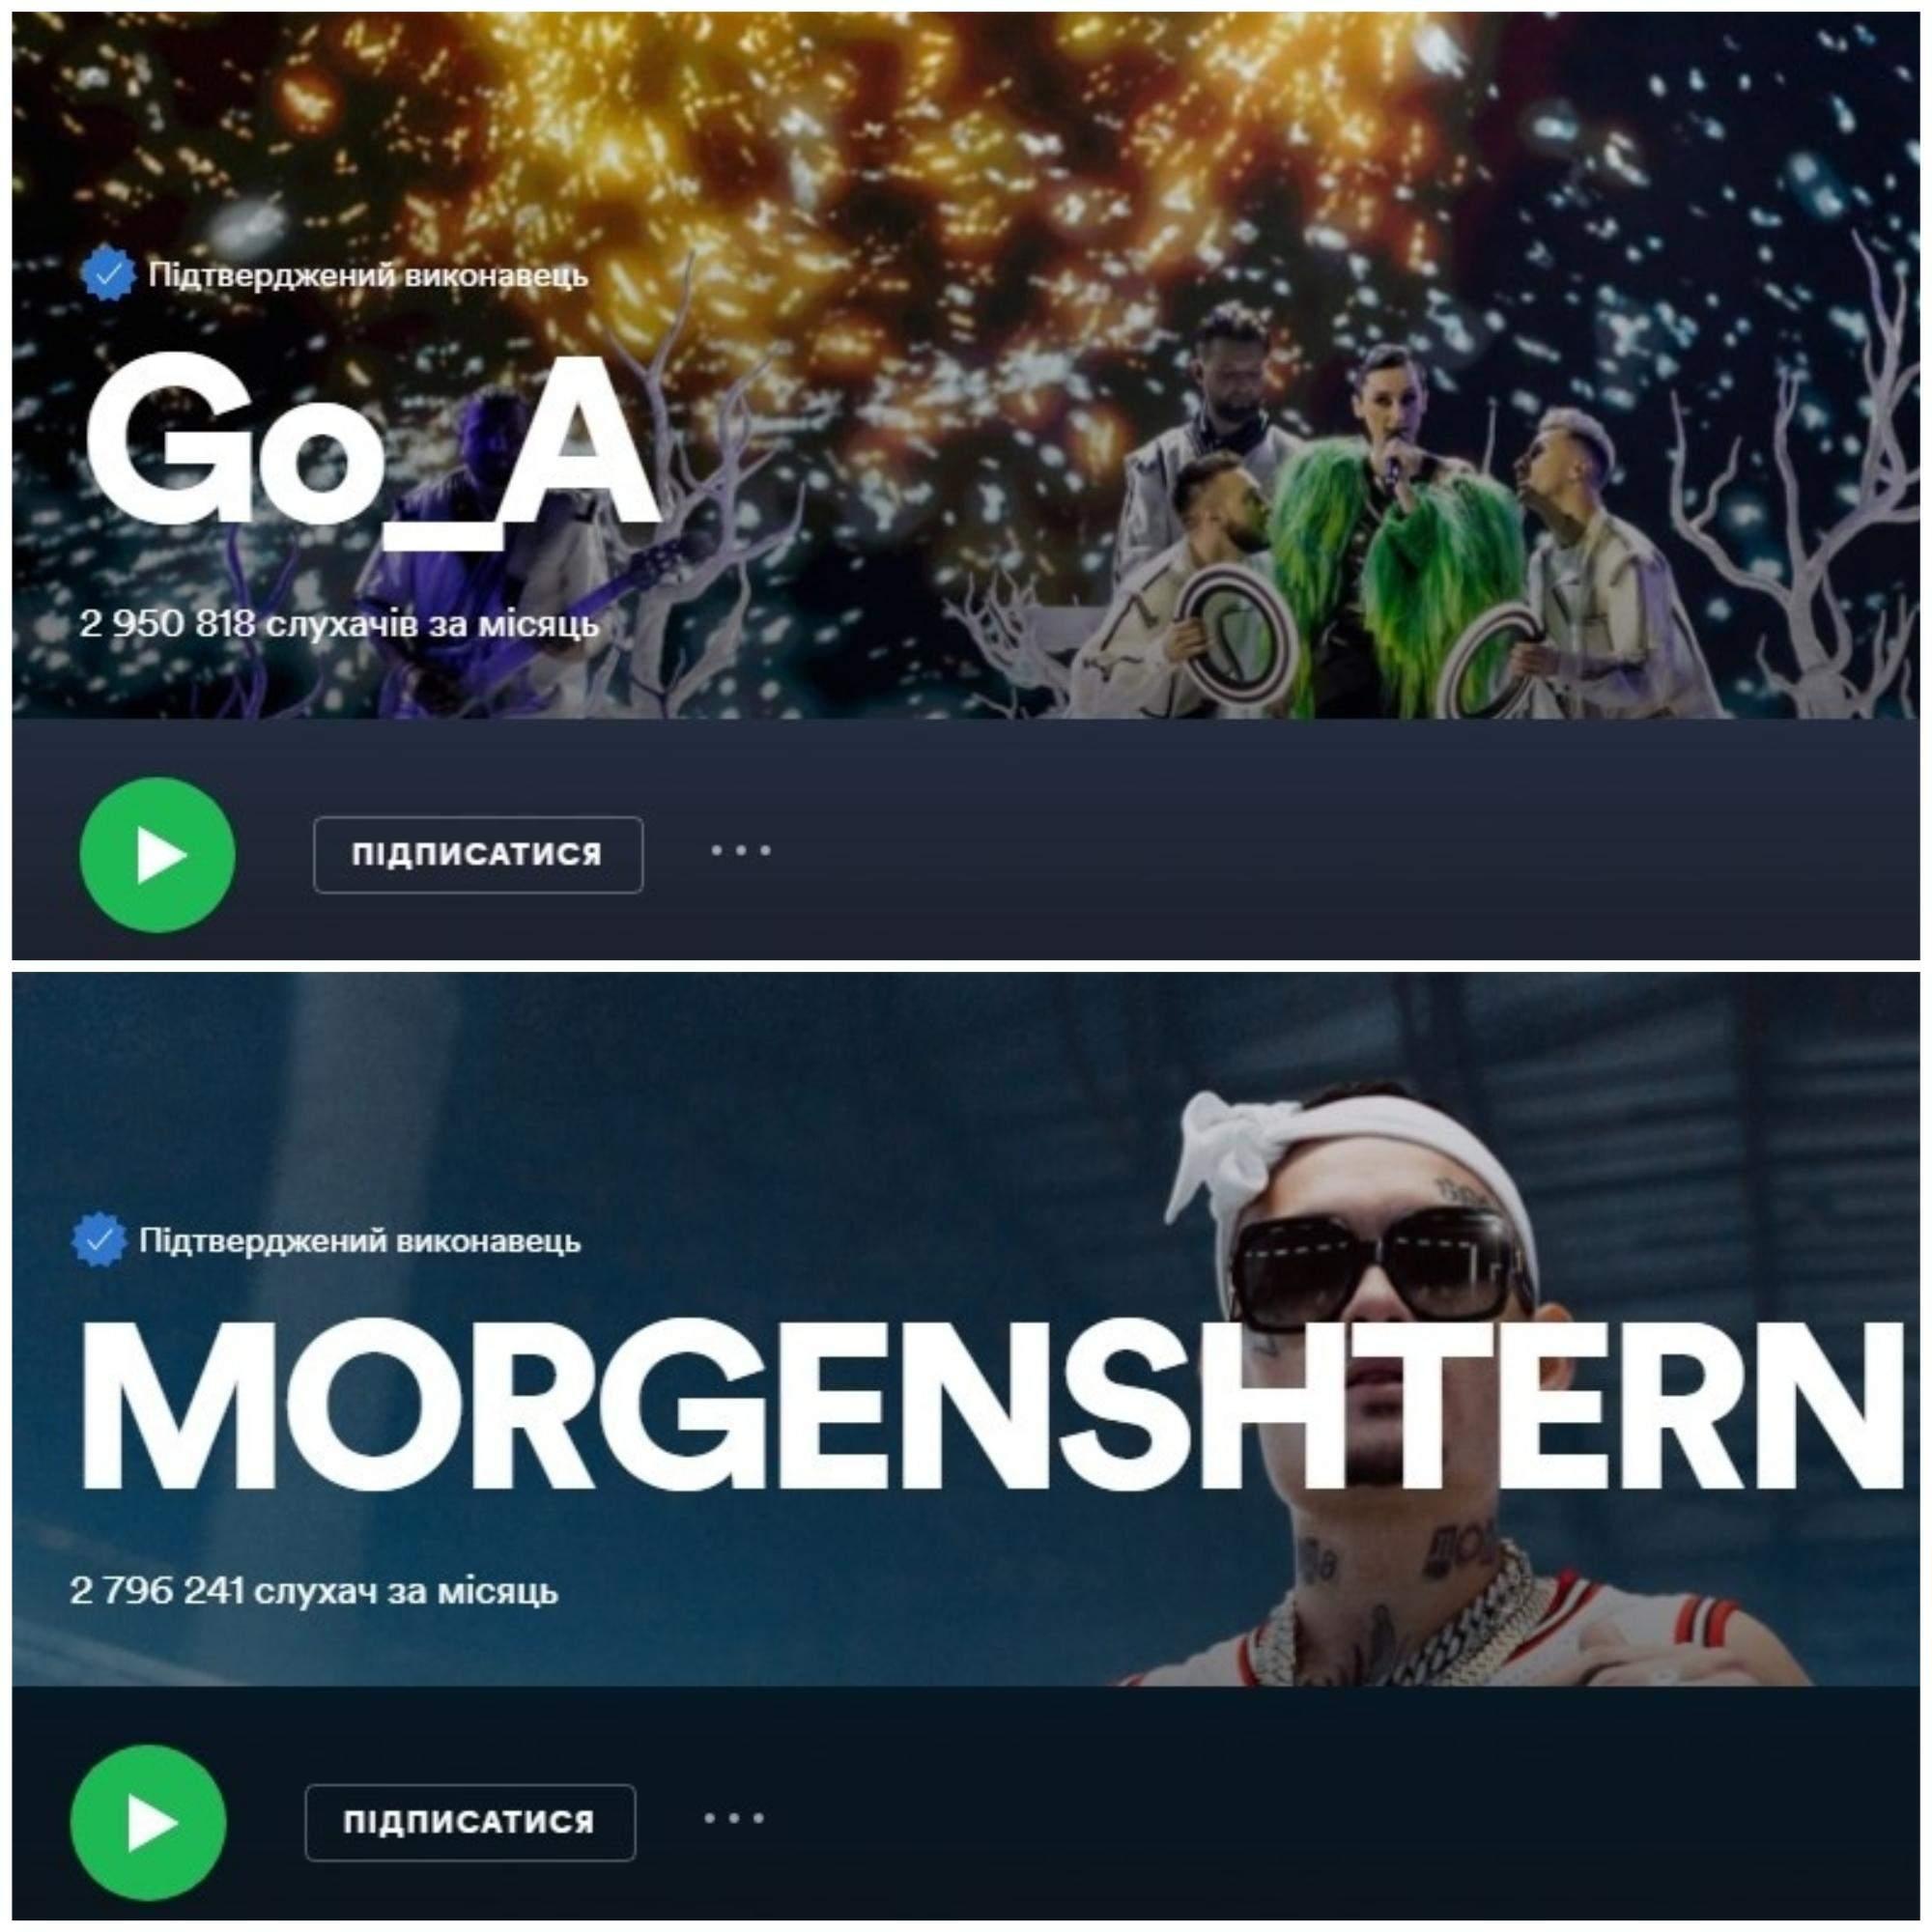 Go_A Моргенштерн